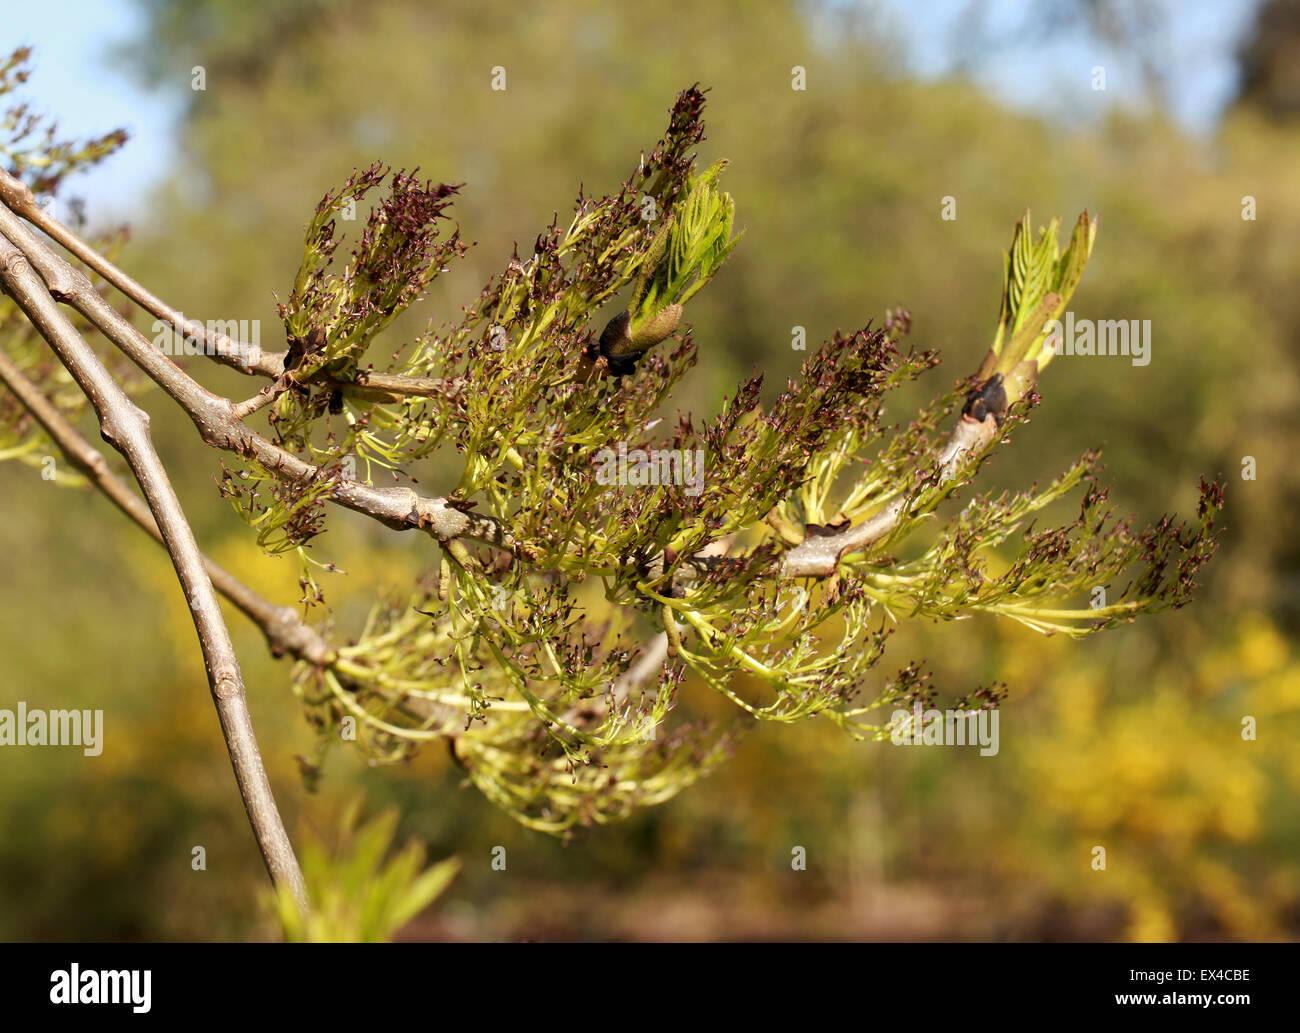 Los brotes y las flores del Wentworth llorando fresnos, Fraxinus exelsior Wentworthii 'Pendula', Oleaceae. Imagen De Stock